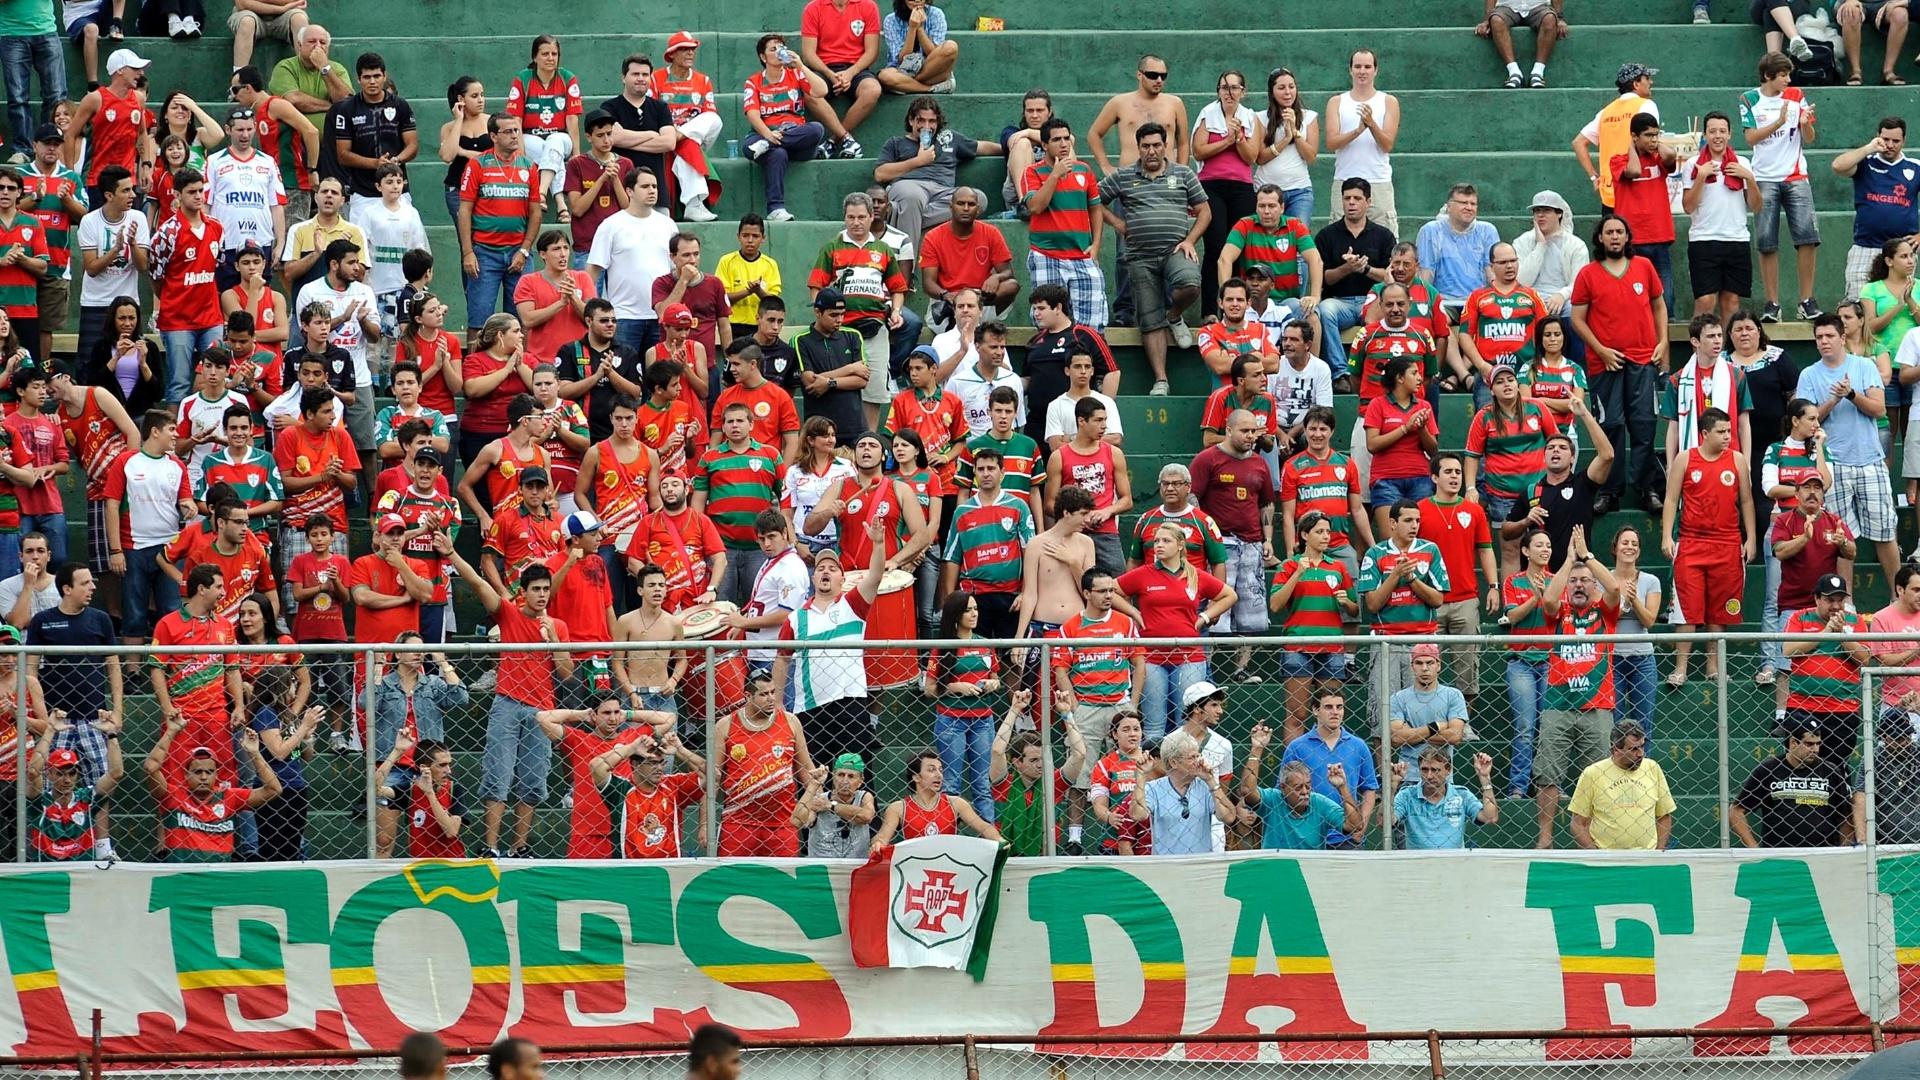 Torcida organizada da Portuguesa foi até o Canindé para apoiar o time de Jorginho contra os reservas do Santos